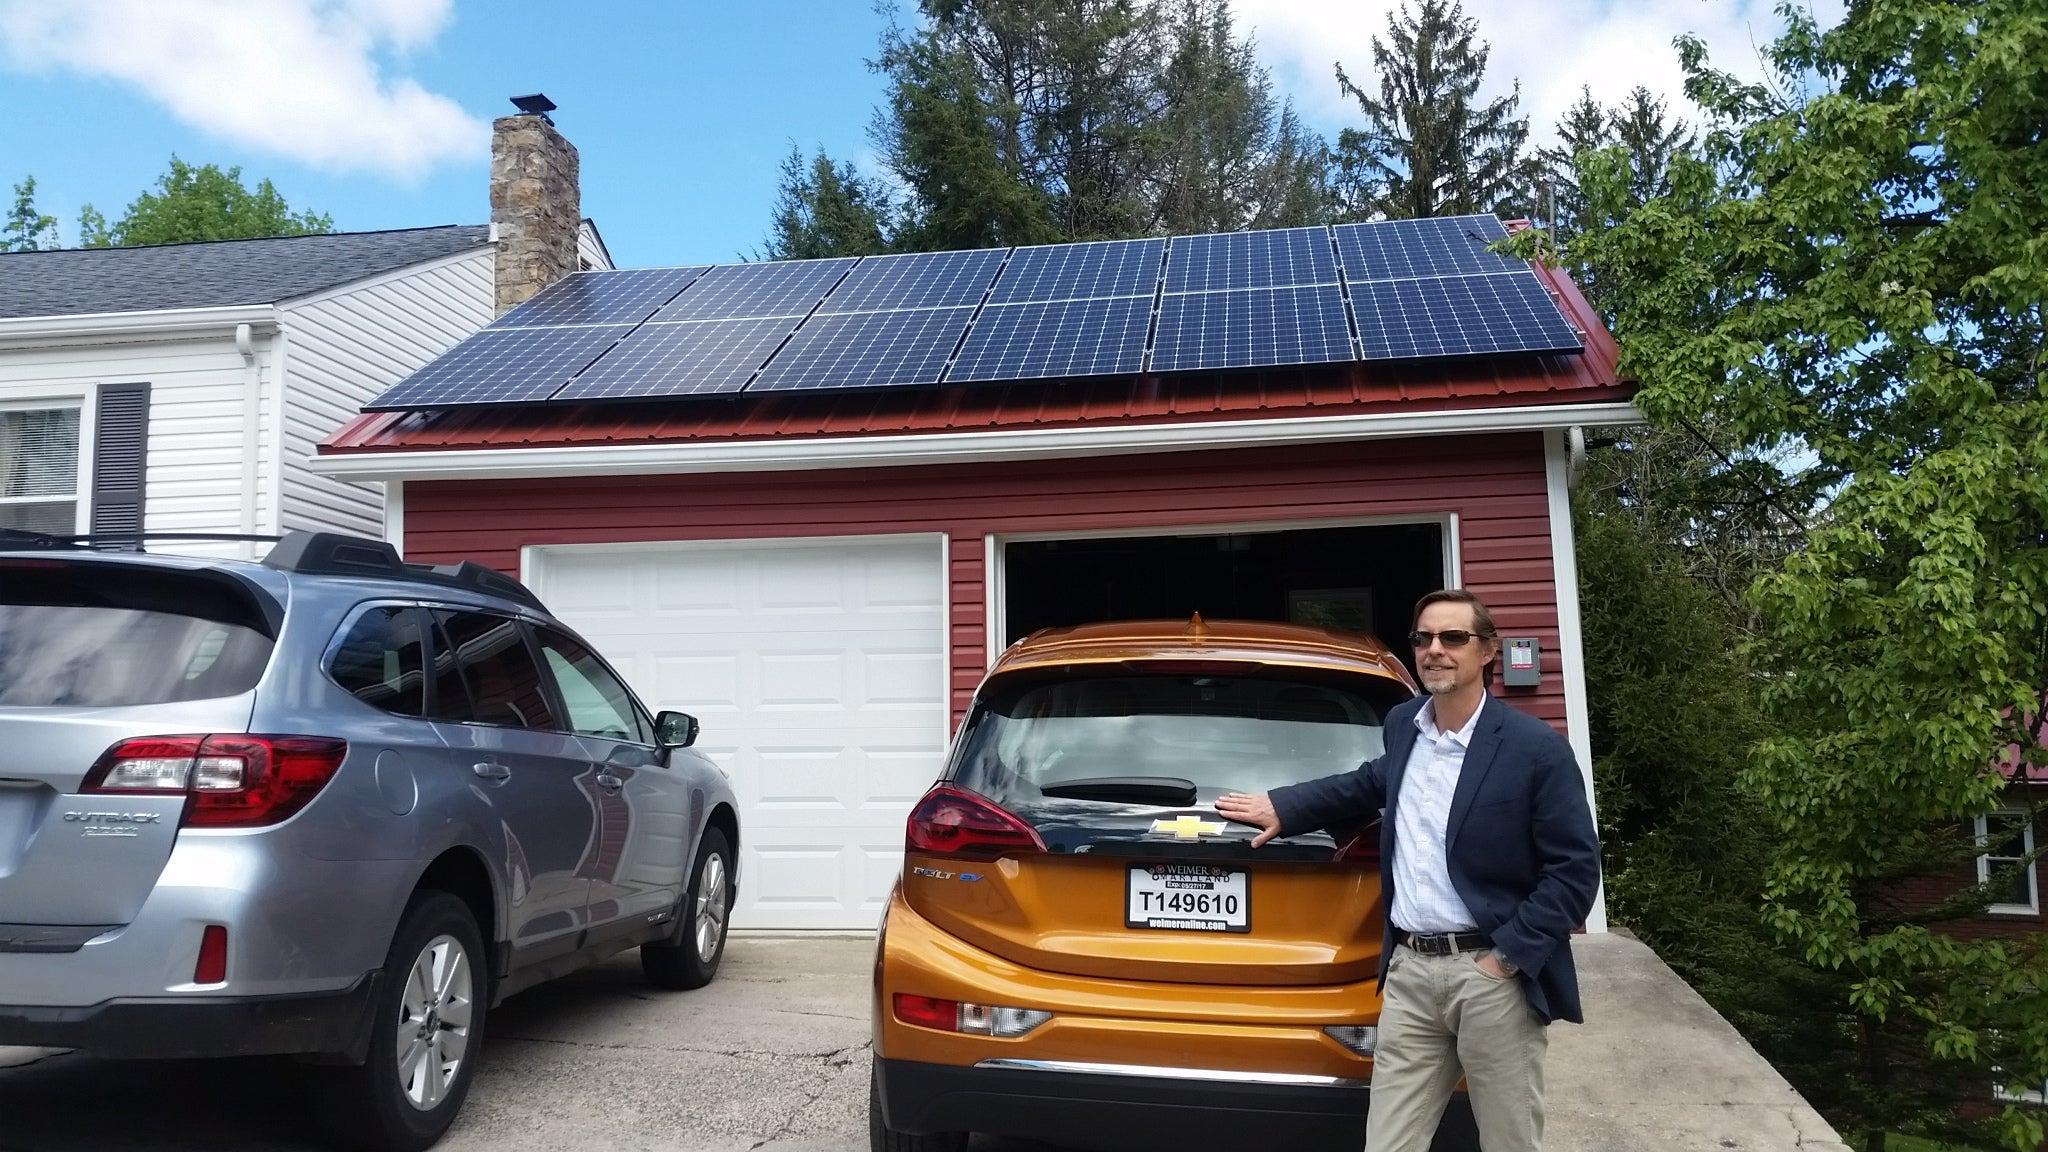 Skott Brill with his solar installation